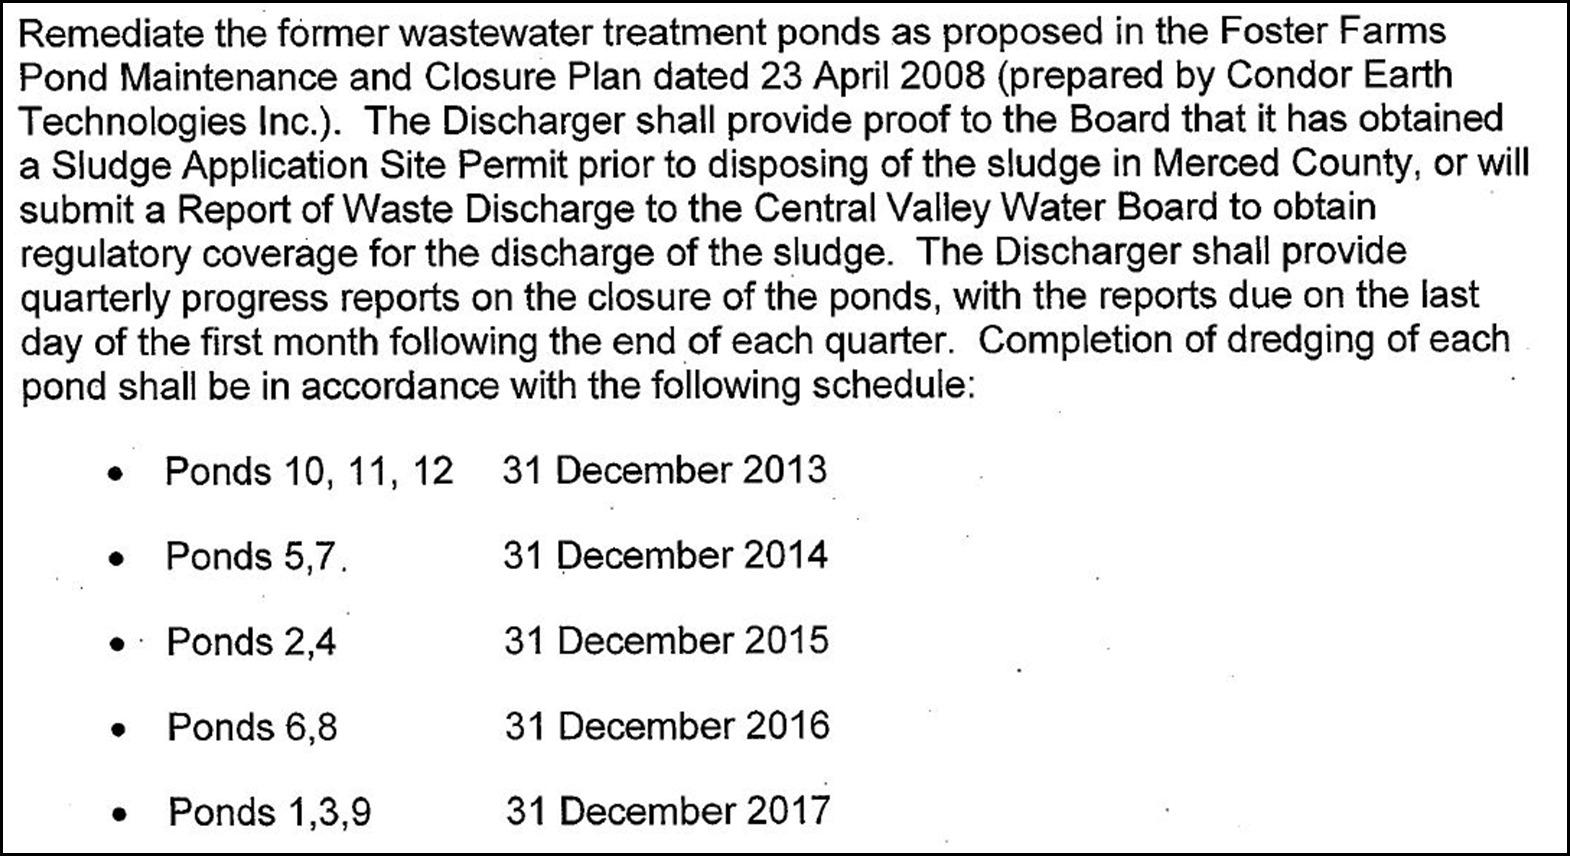 Pond Remediation Schedule